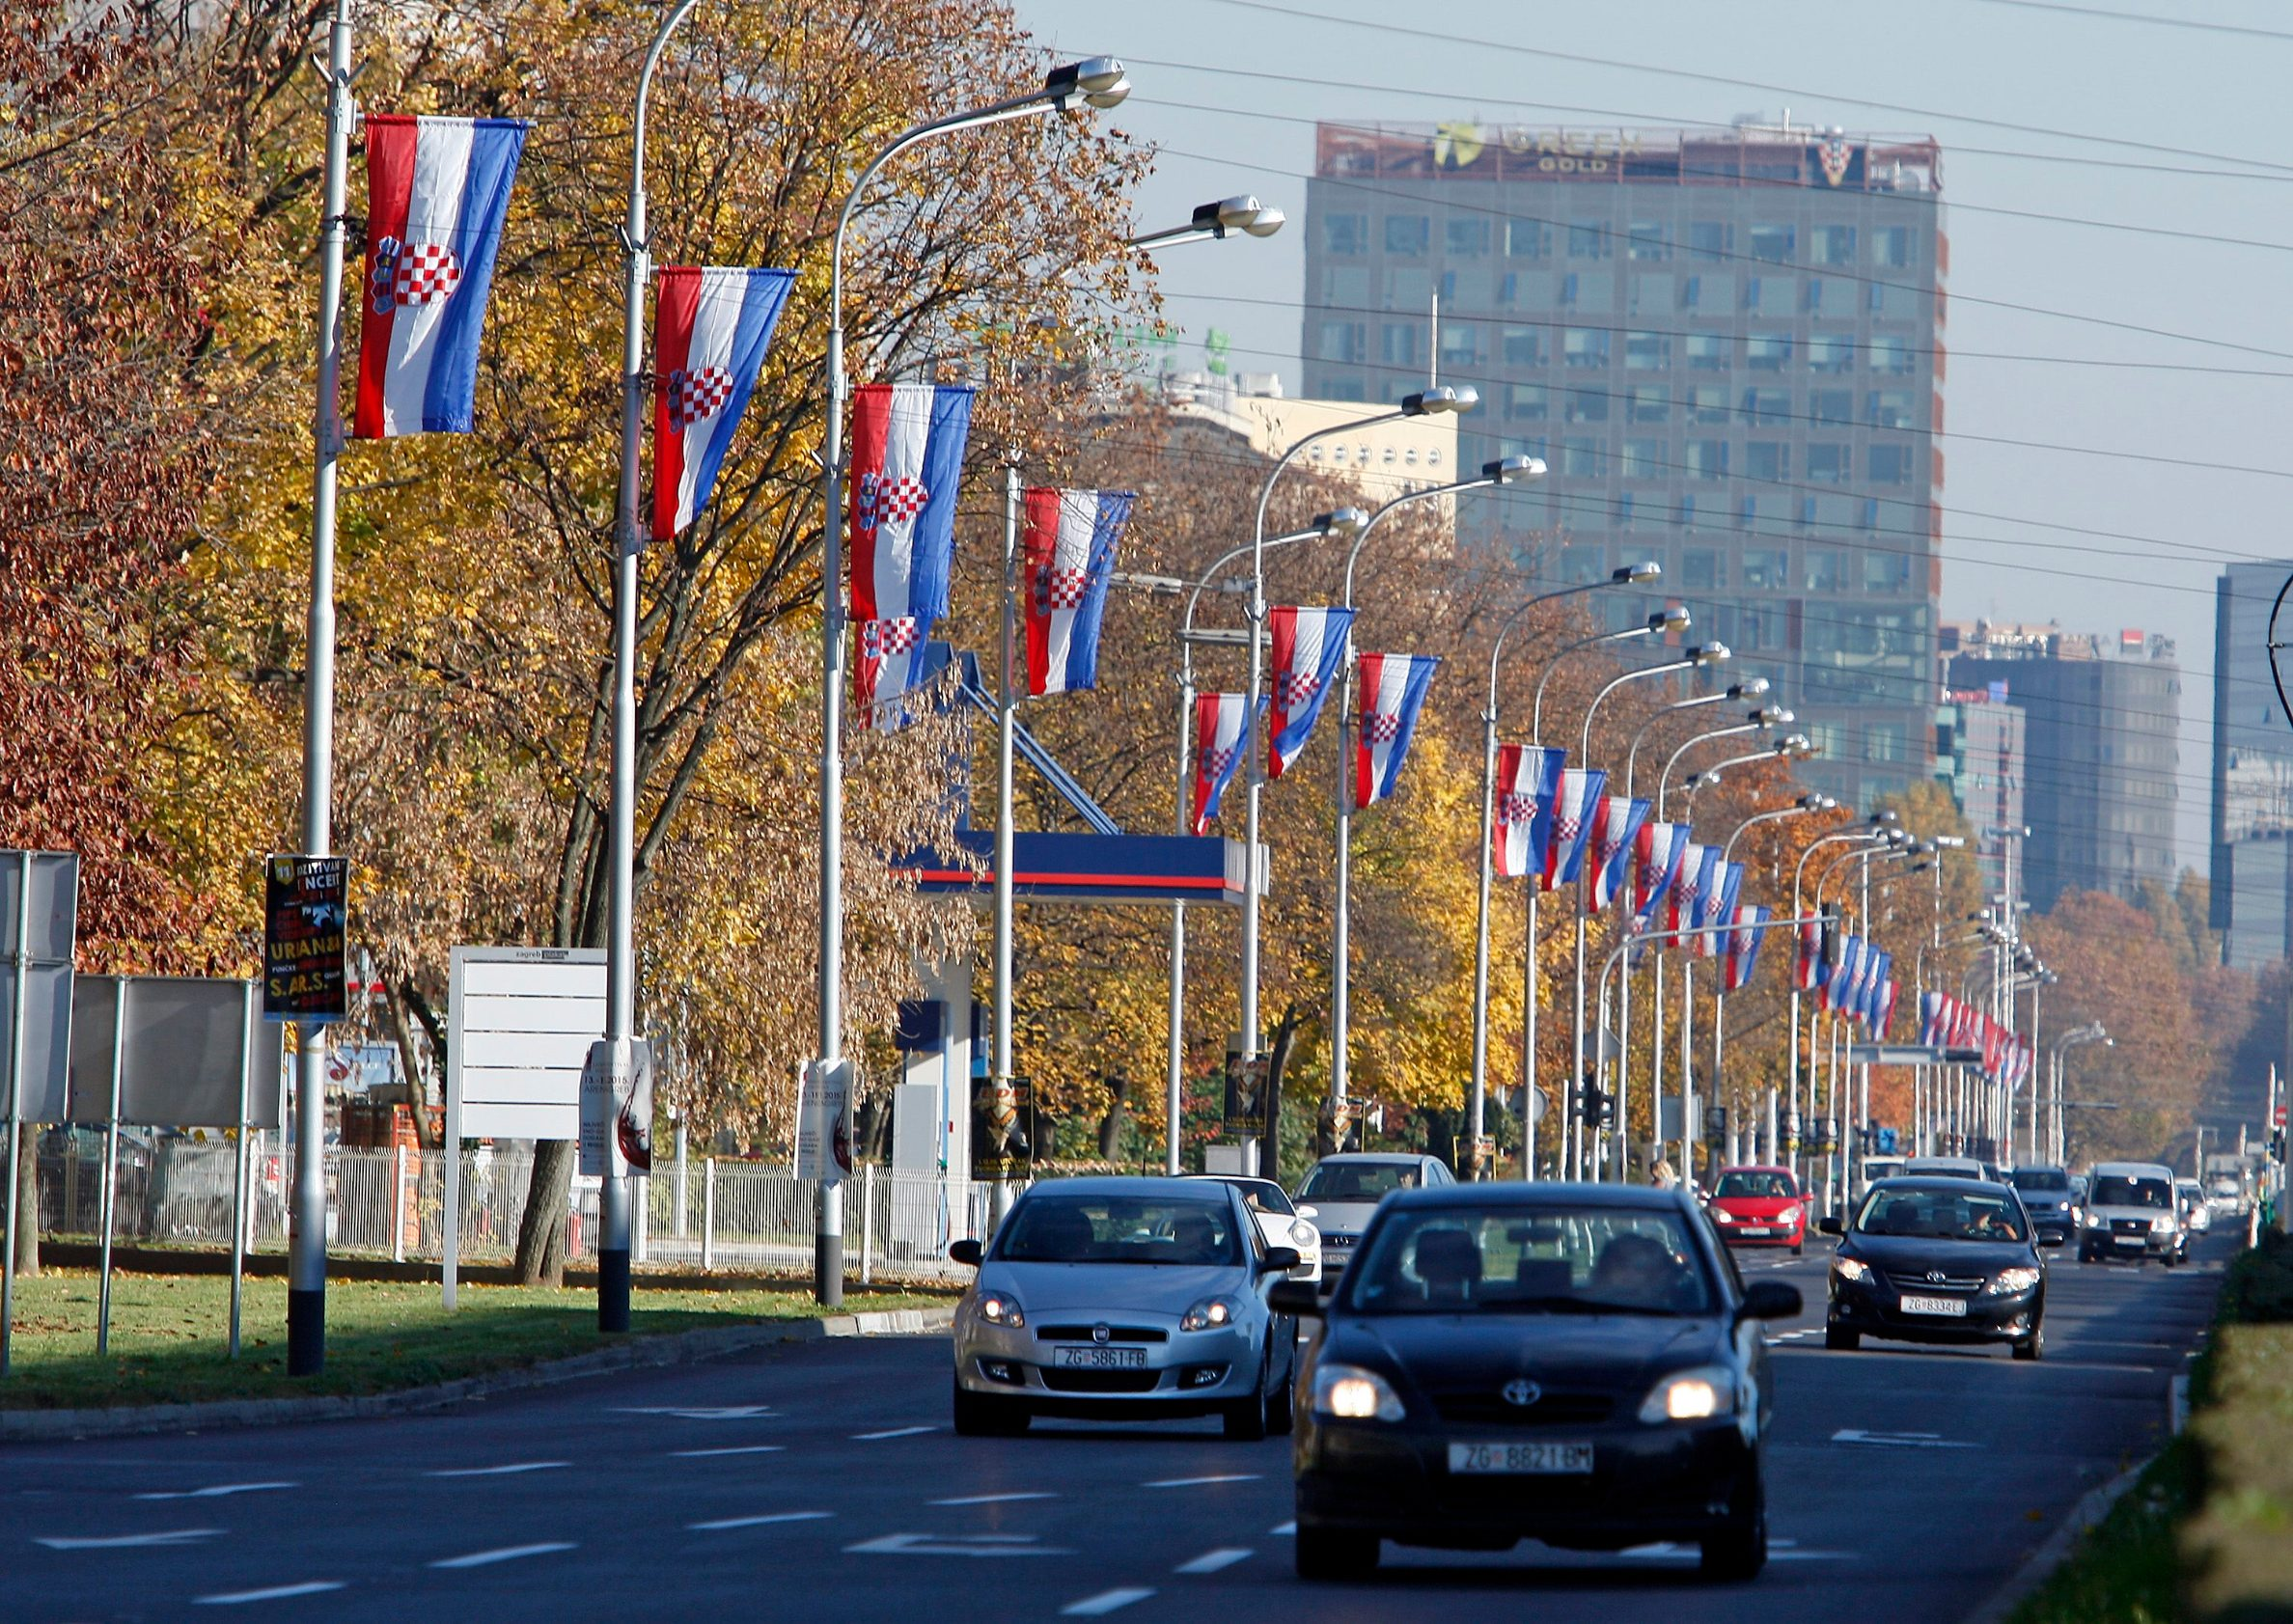 vukovarska_zastave10-111115